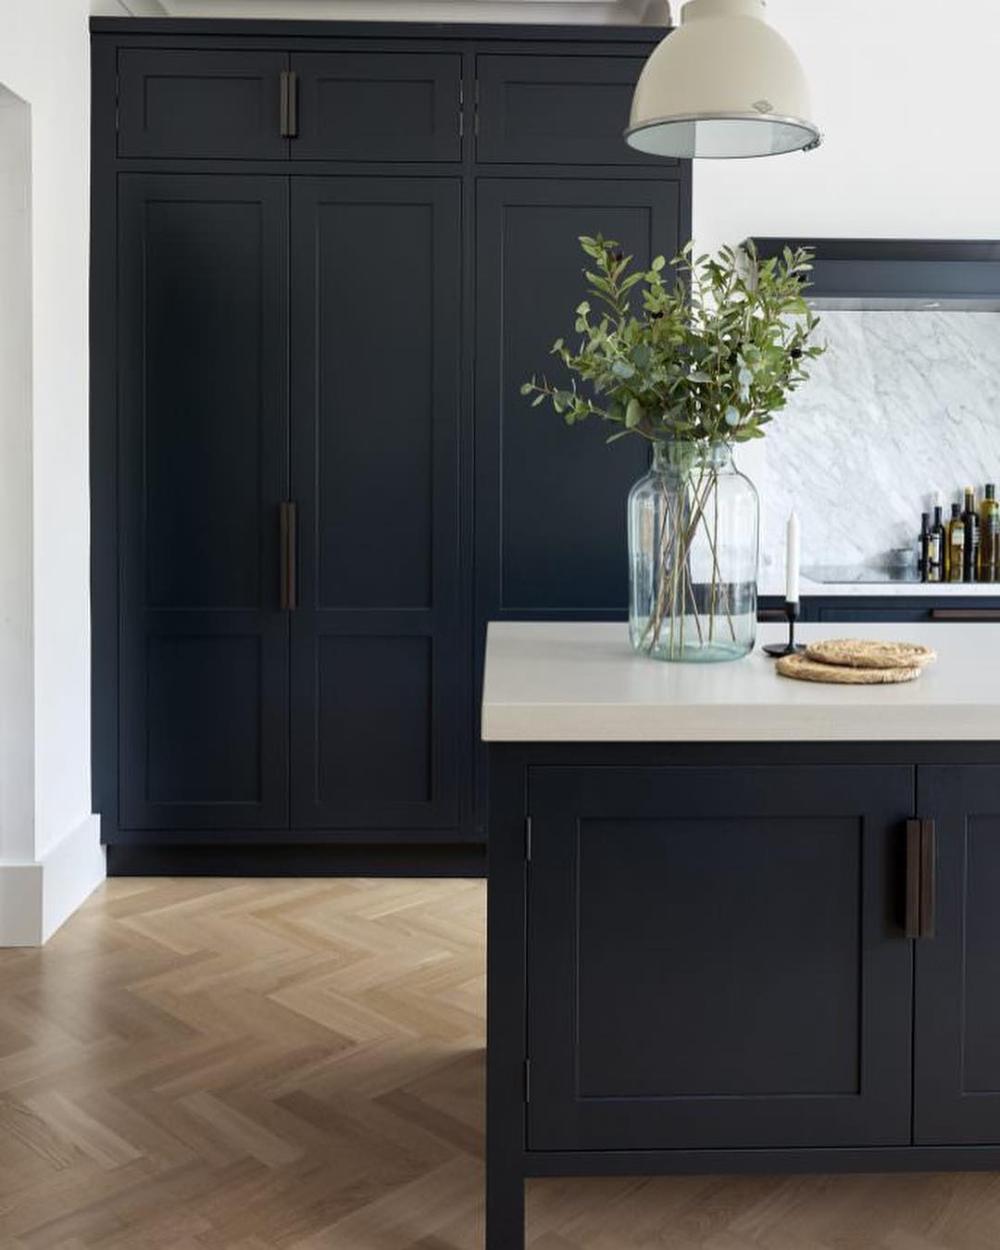 Armac Martin On Instagram This Award Winning Kitchen By Mowlemandco Is Still Suc Kitchen Inspiration Design White Kitchen Design Contemporary Modern Kitchen